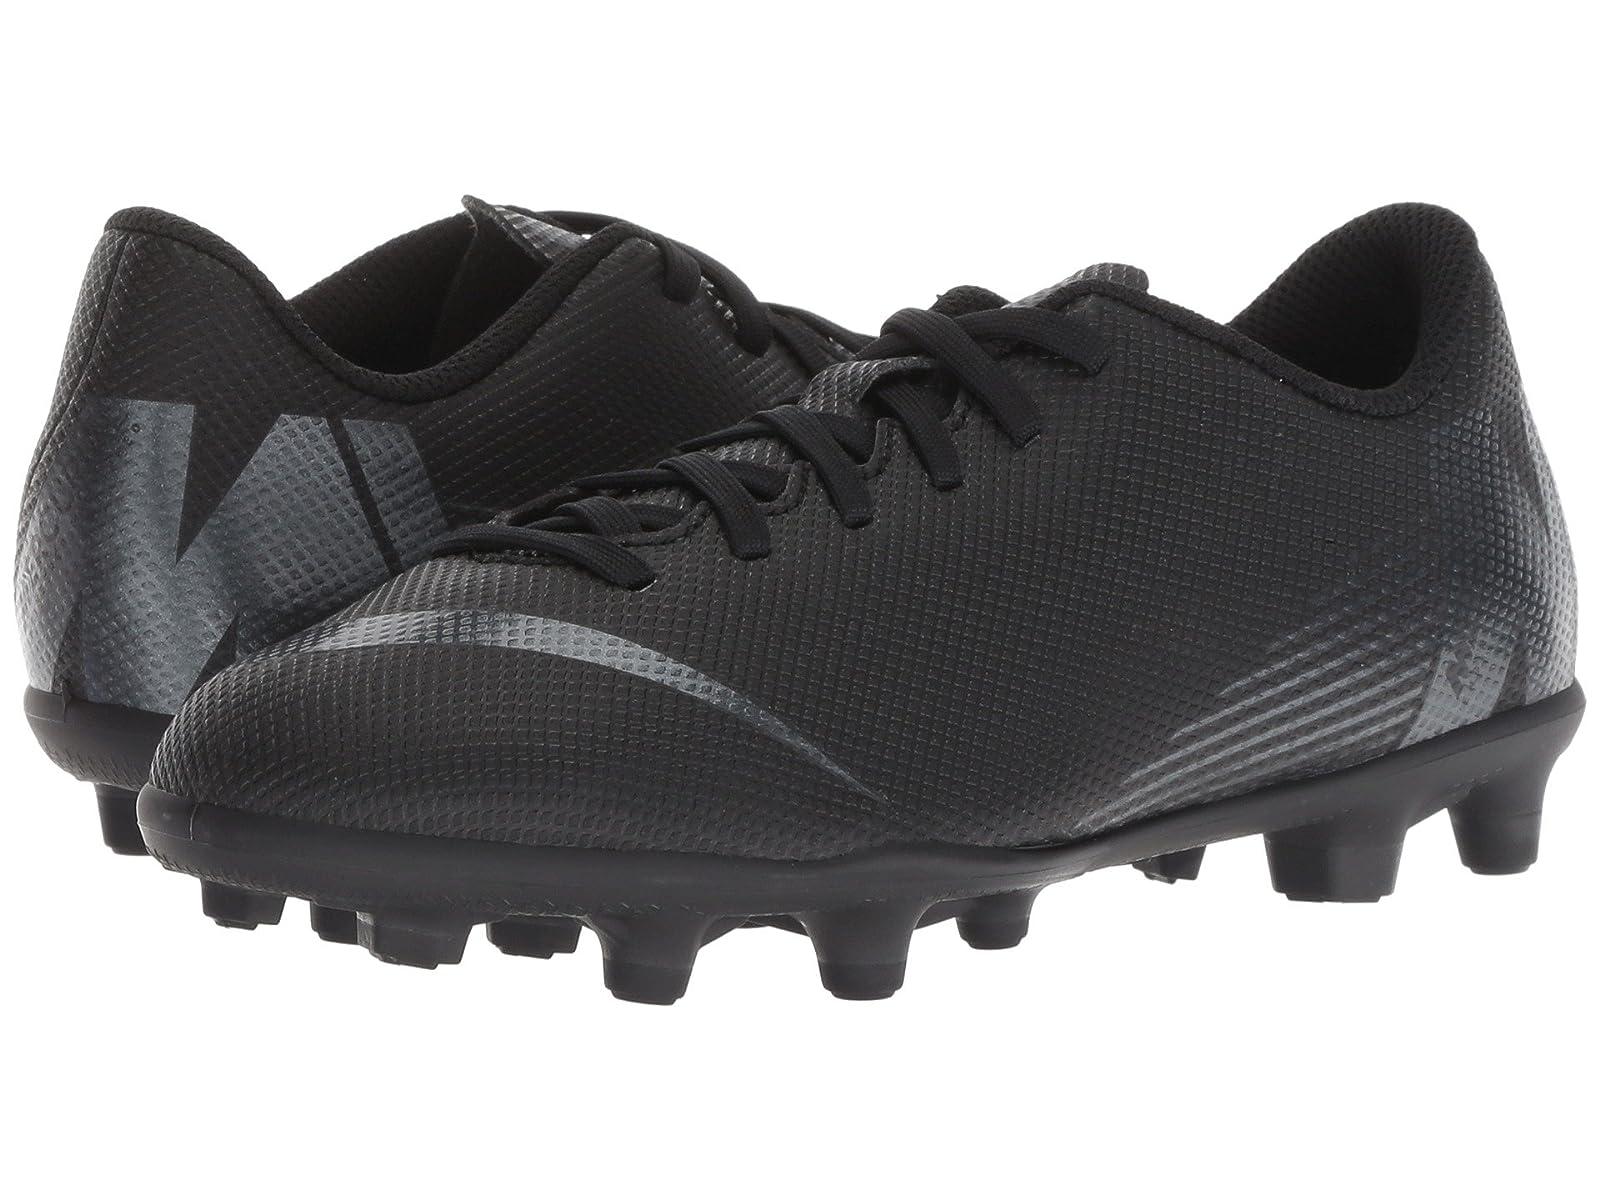 Nike Kids Vapor 12 Club MG Soccer (Toddler/Little Kid/Big Kid)Atmospheric grades have affordable shoes